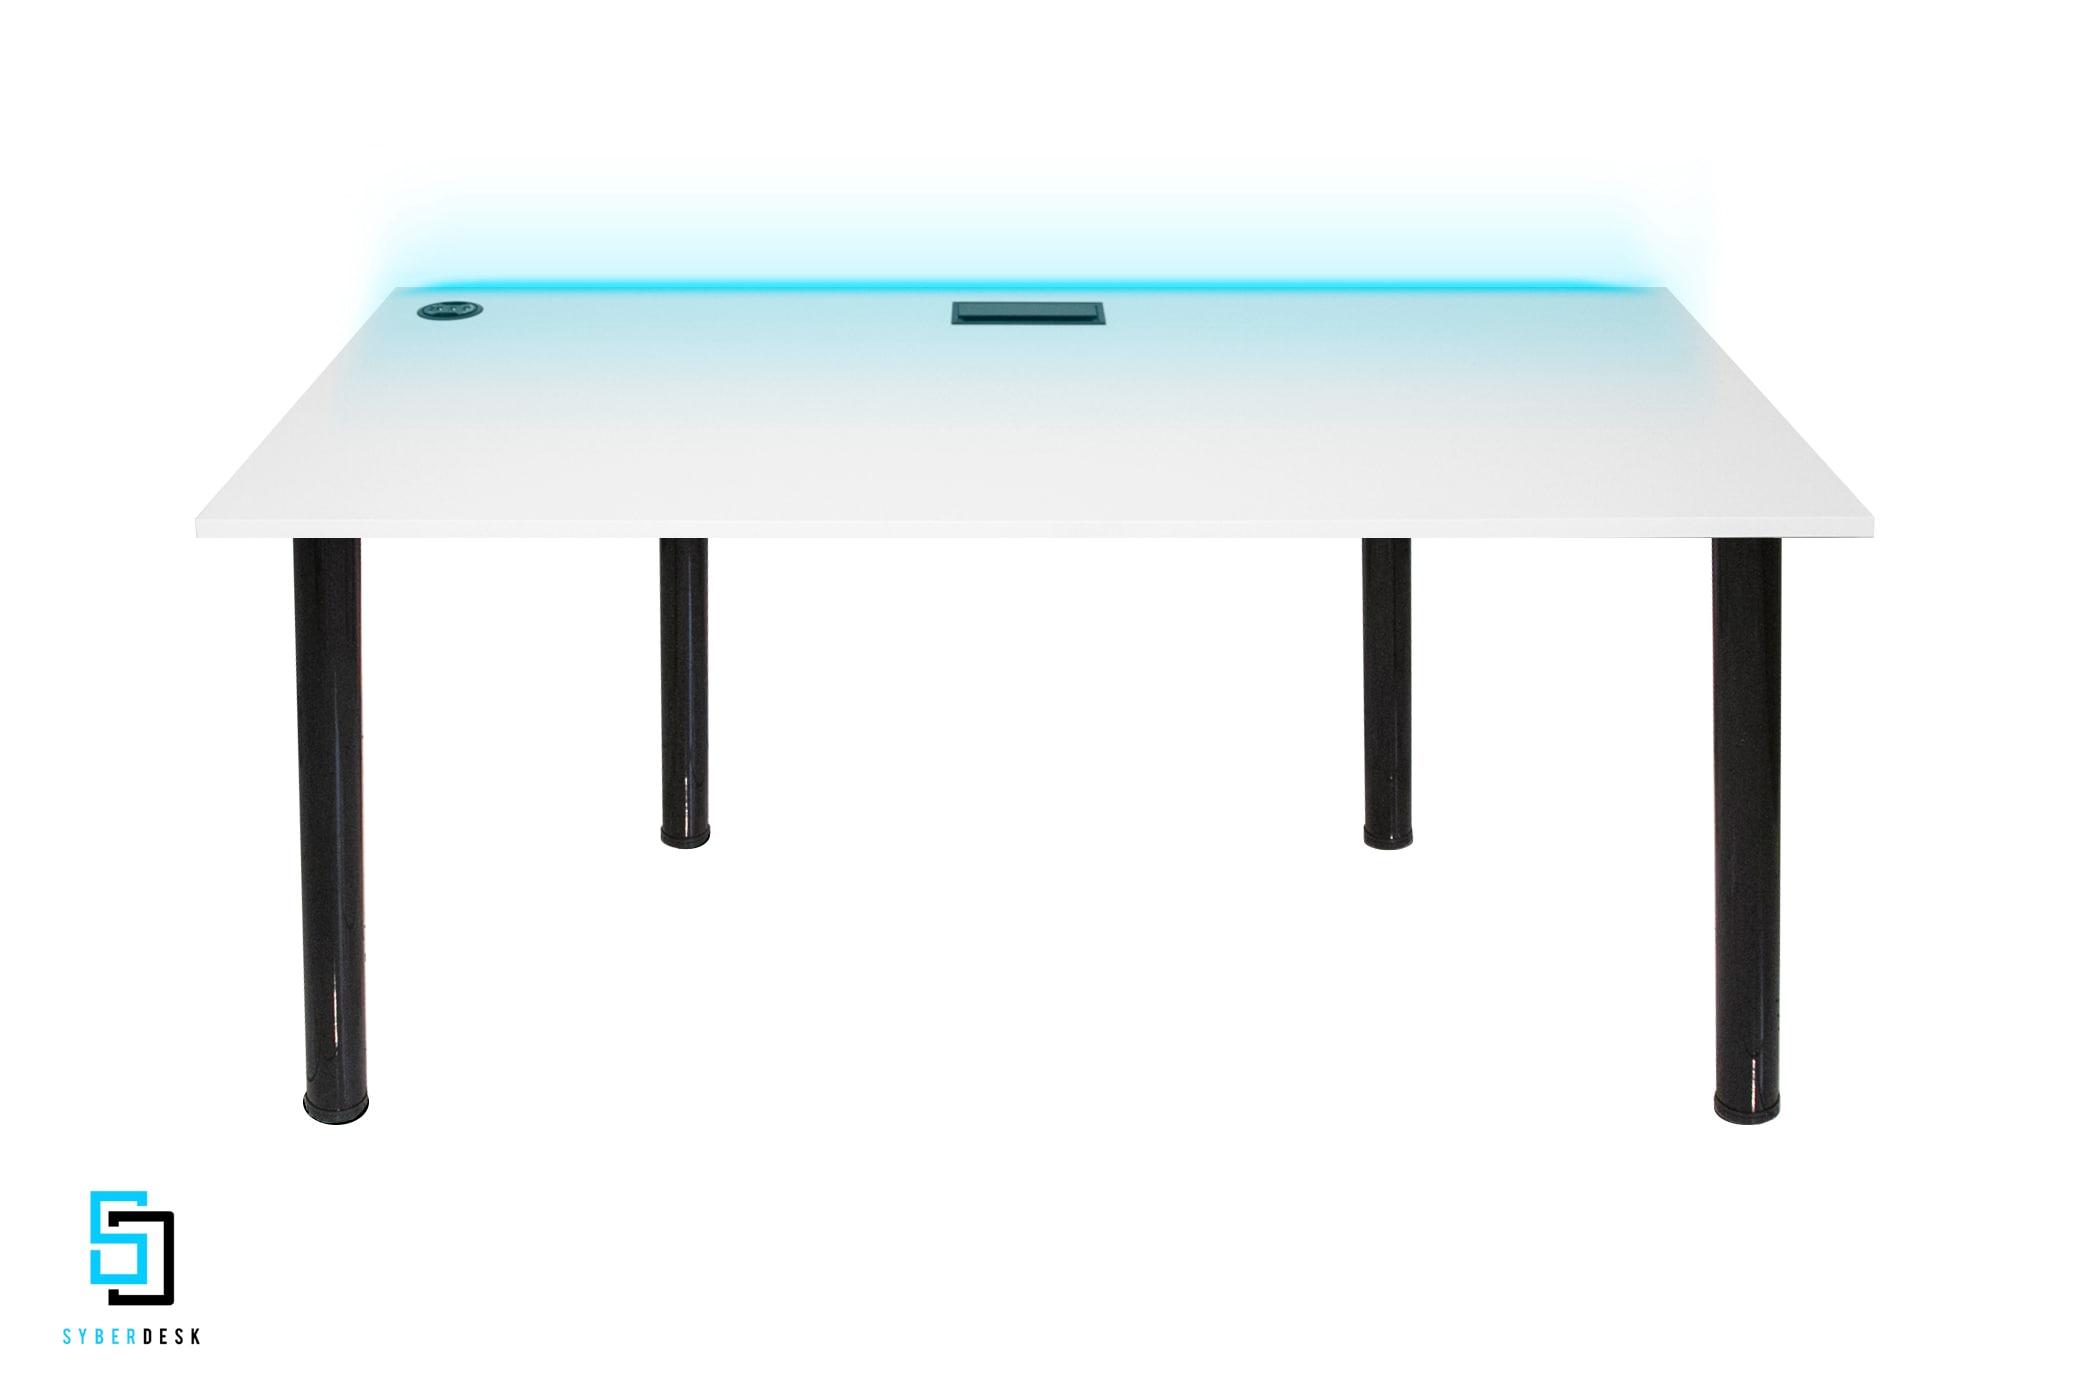 SyberDesk PRO LED USB WHITE White Gaming - 2